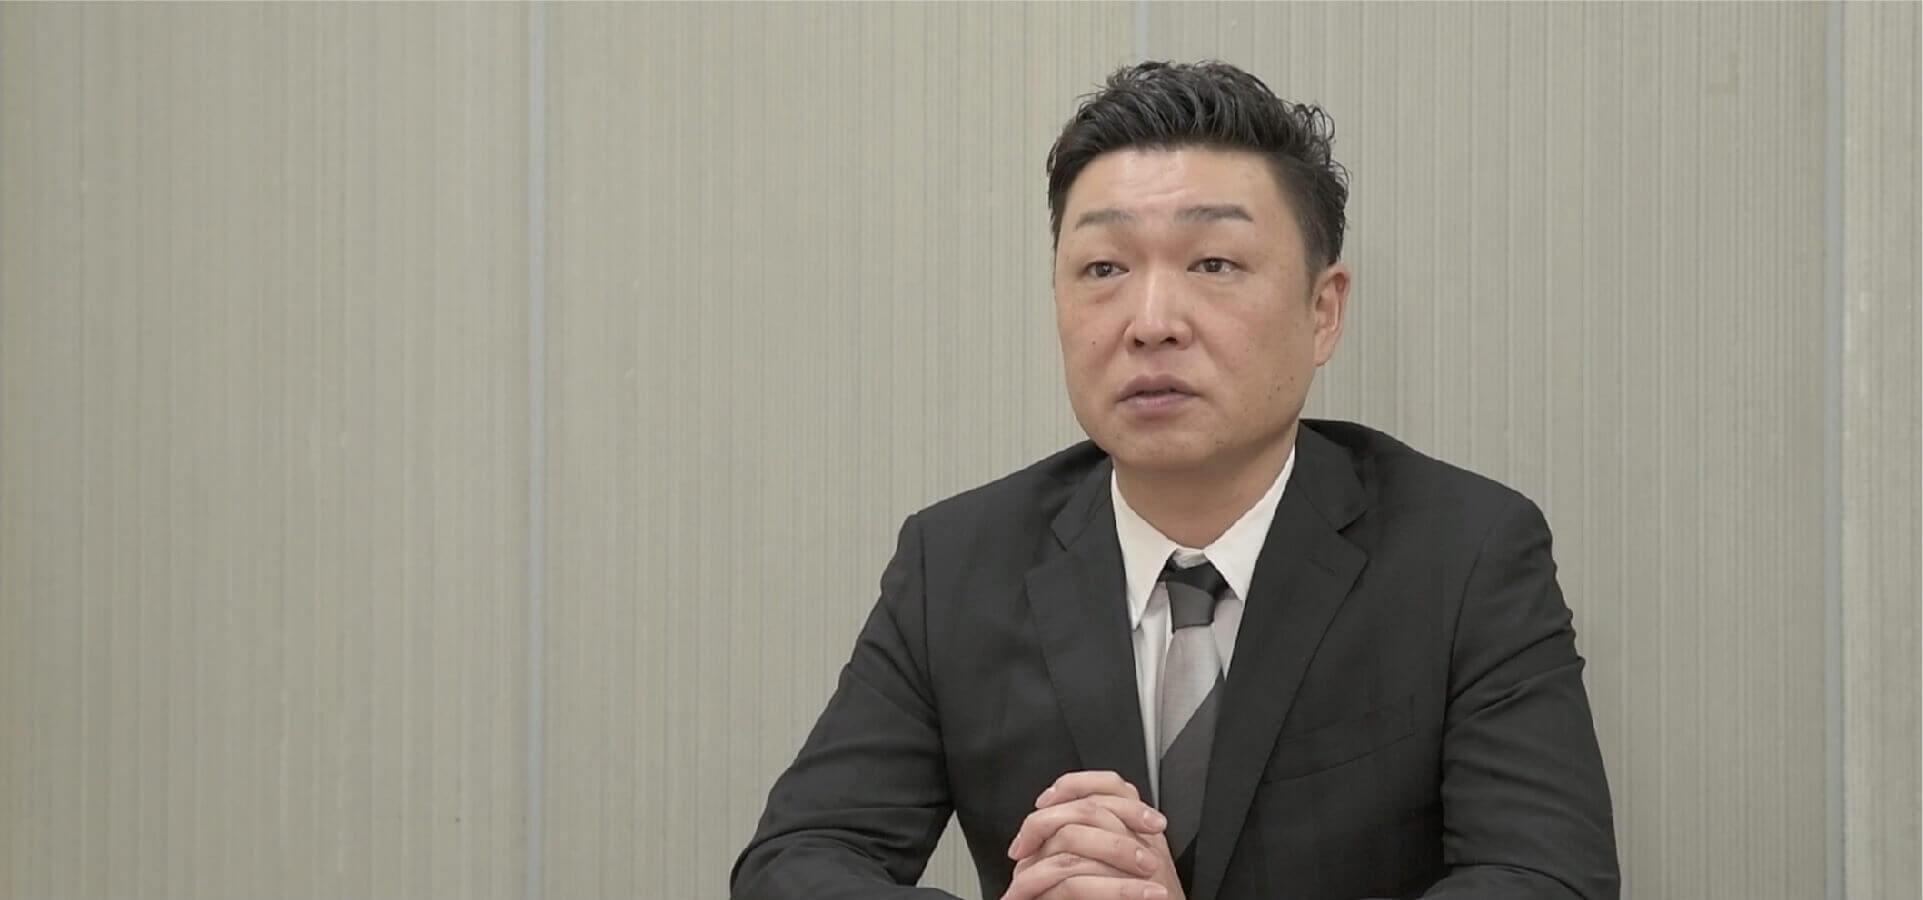 代表取締役社長 宮坂 貴也